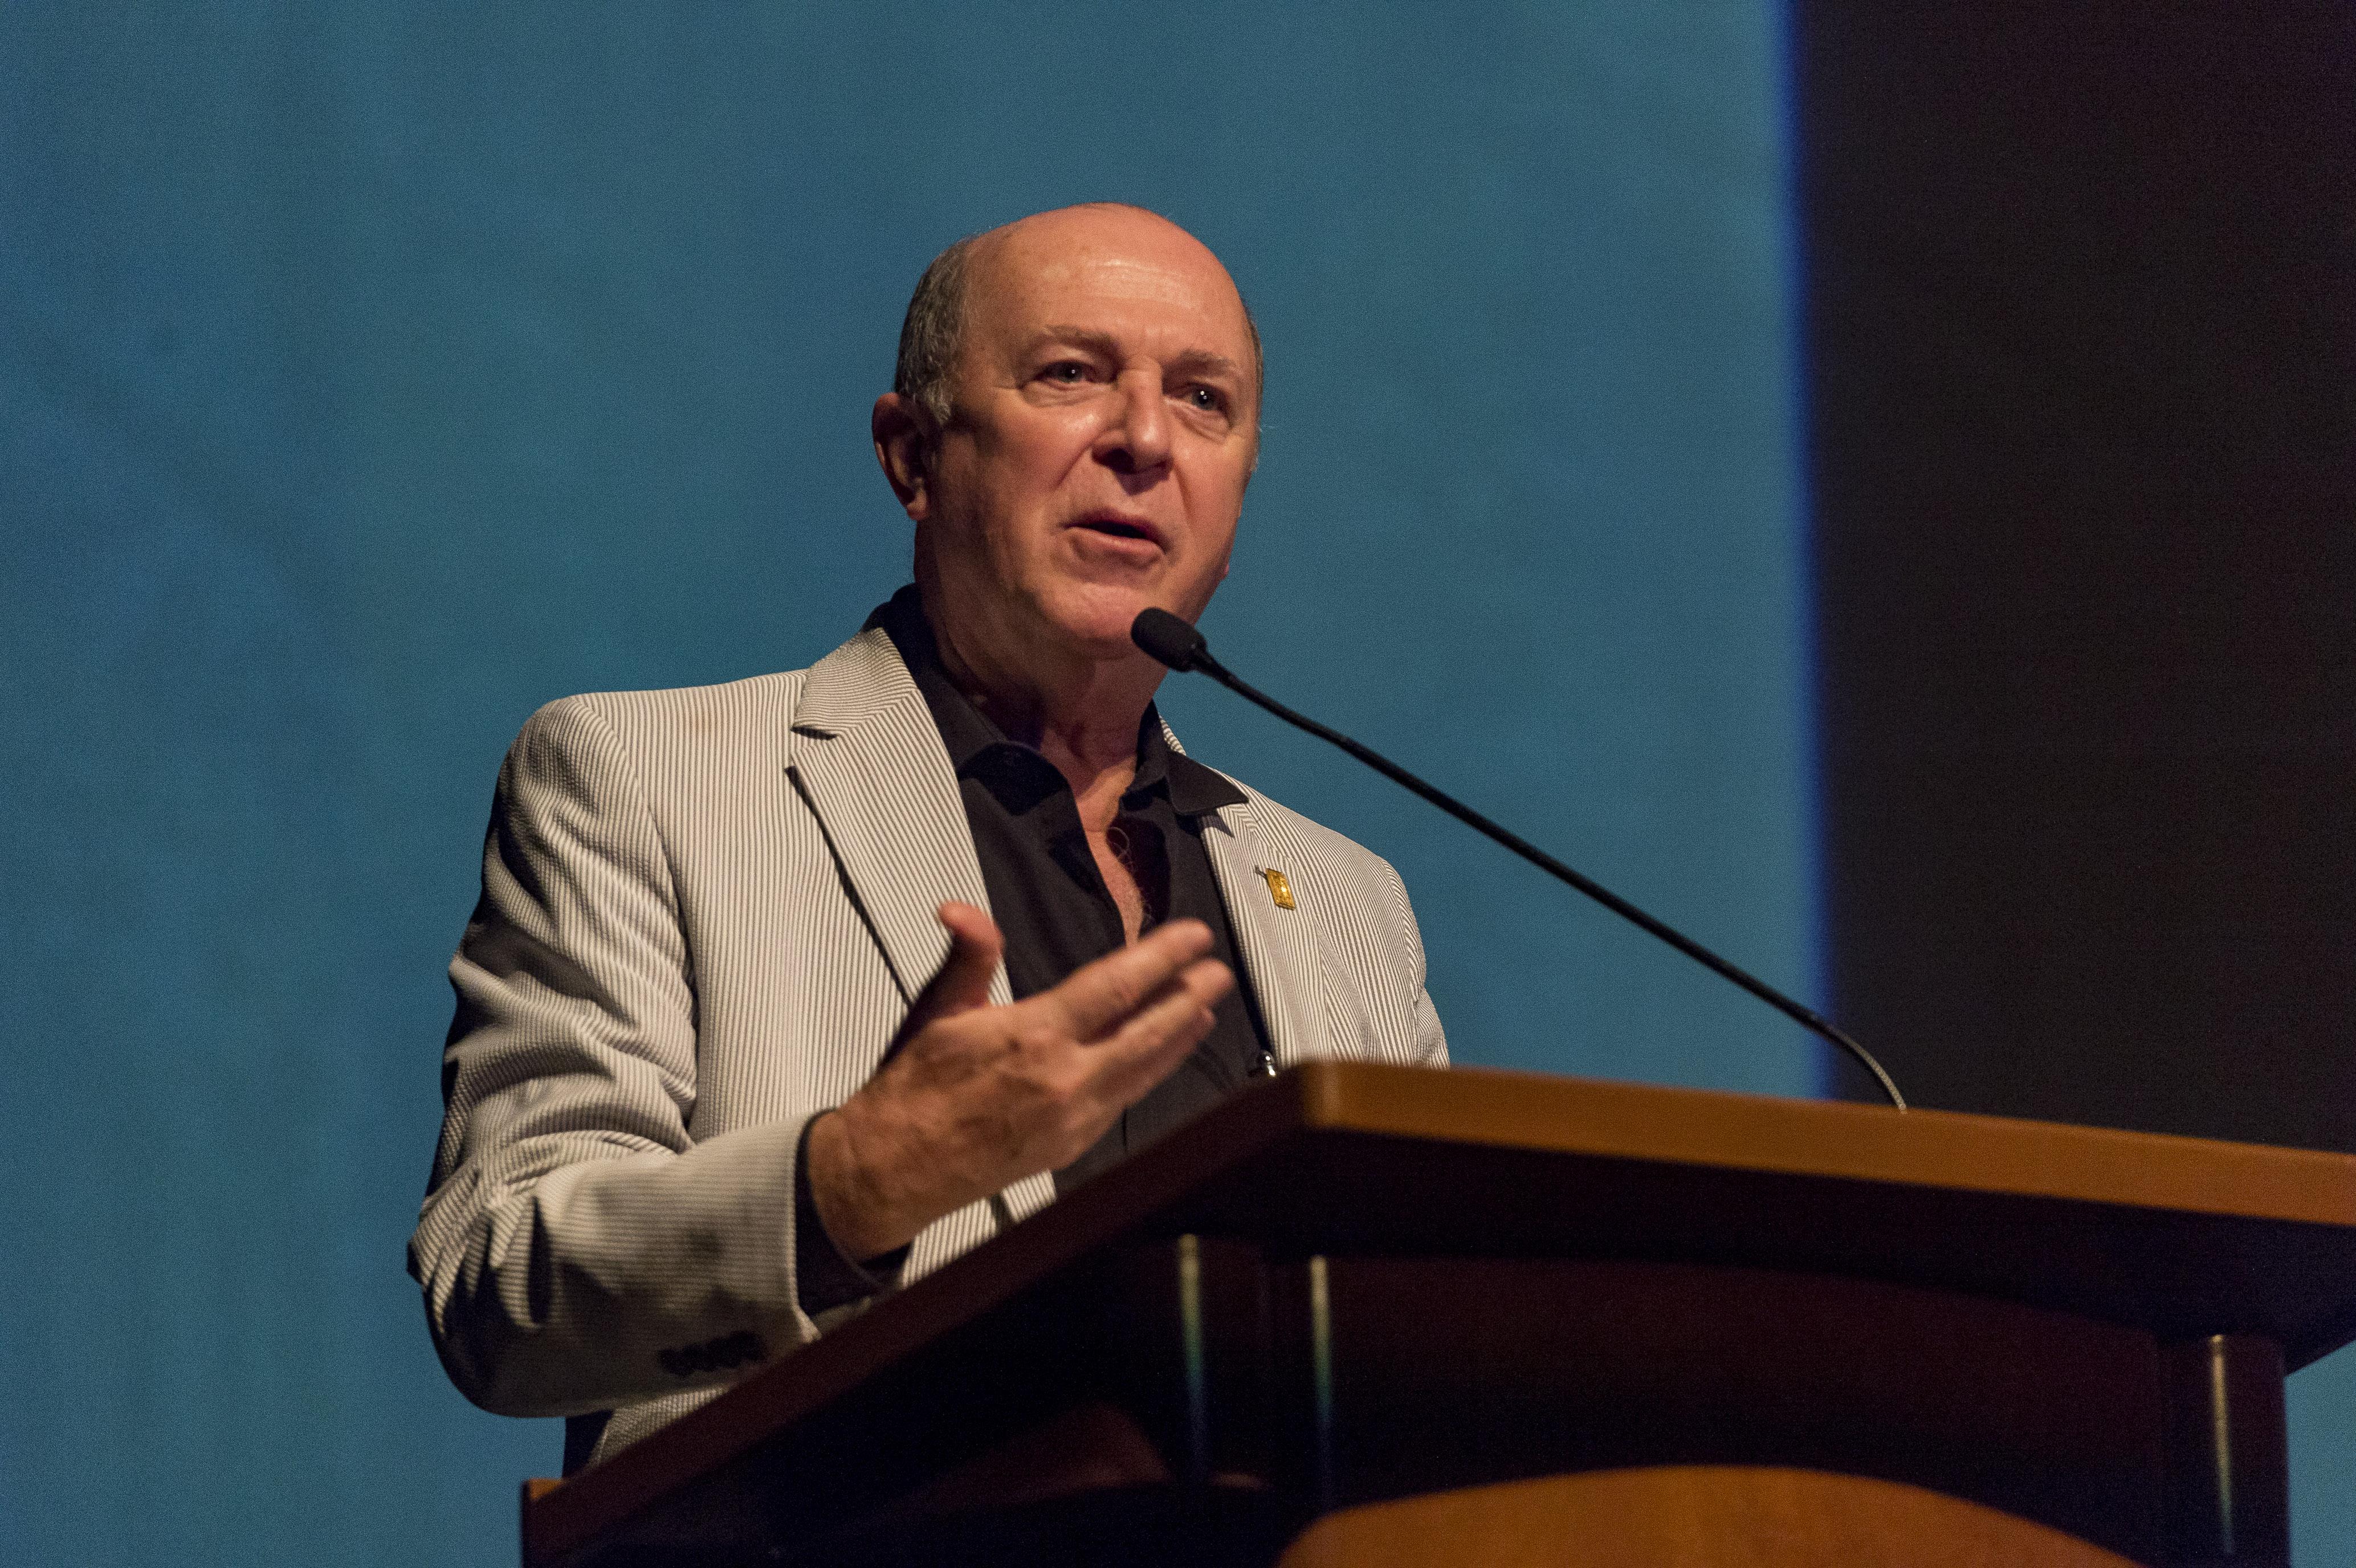 Doctor Miguel Ángel Navarro Navarro, Vicerrector ejecutivo de la UdeG, en podium del Teatro Diana, haciendo uso de la palabra.